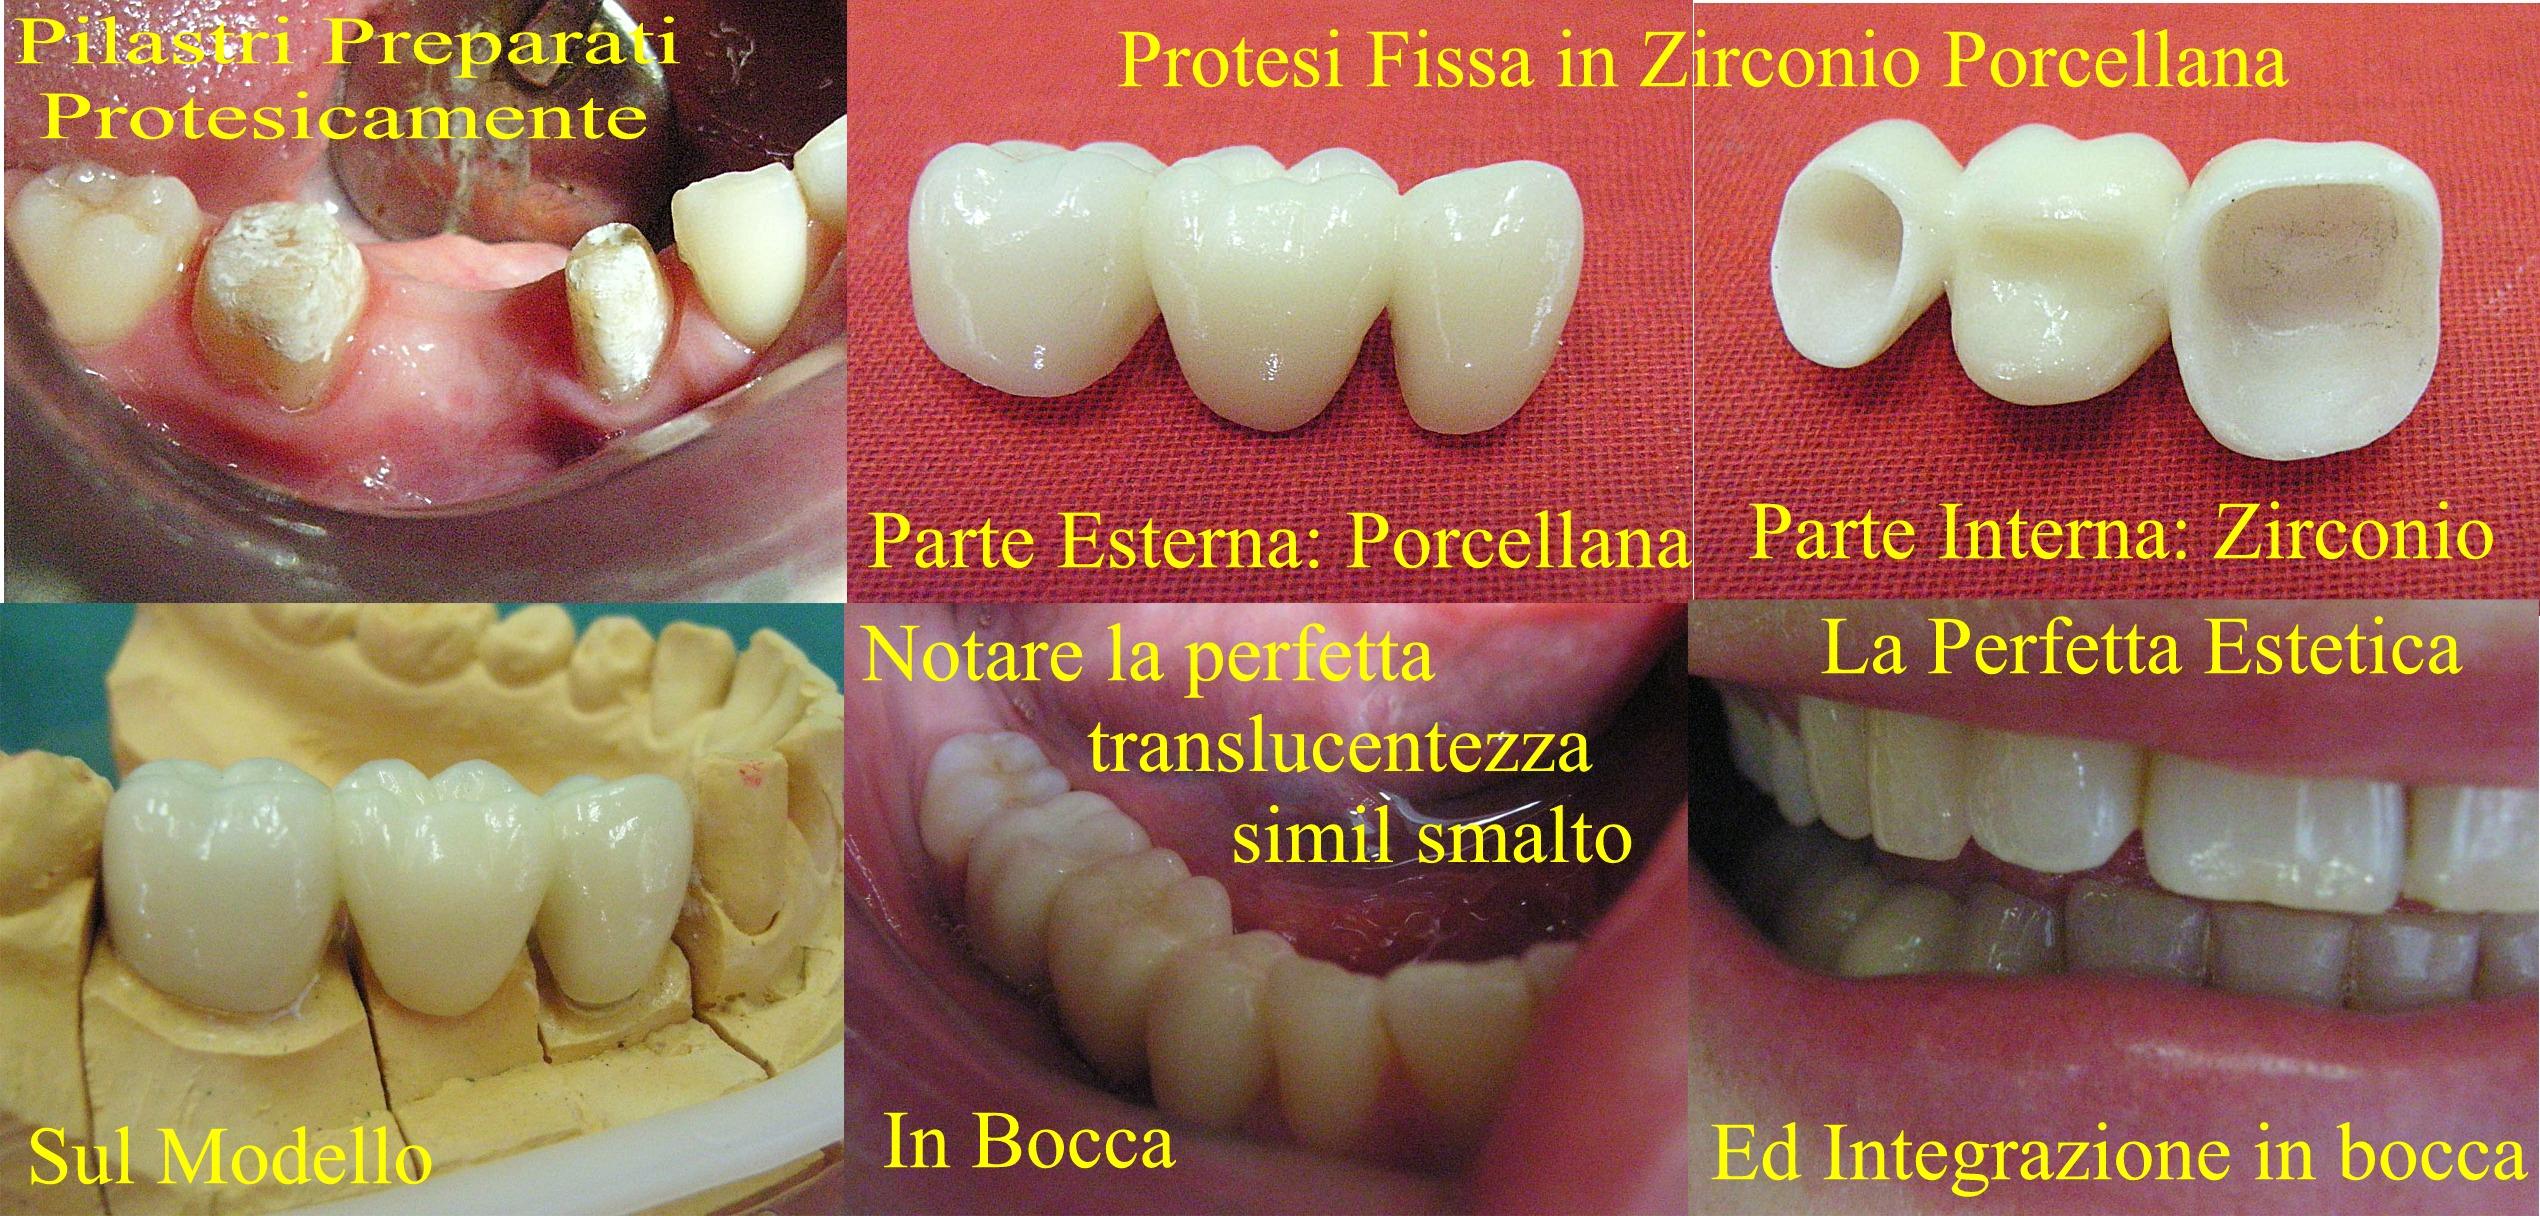 Protesi fissa in Zirconio-Ceramica. Leggere il testo. Da casistica del Dr. Gustavo Petti di Cagliari, Protesi realizzata dalla Dr.ssa Claudia Petti